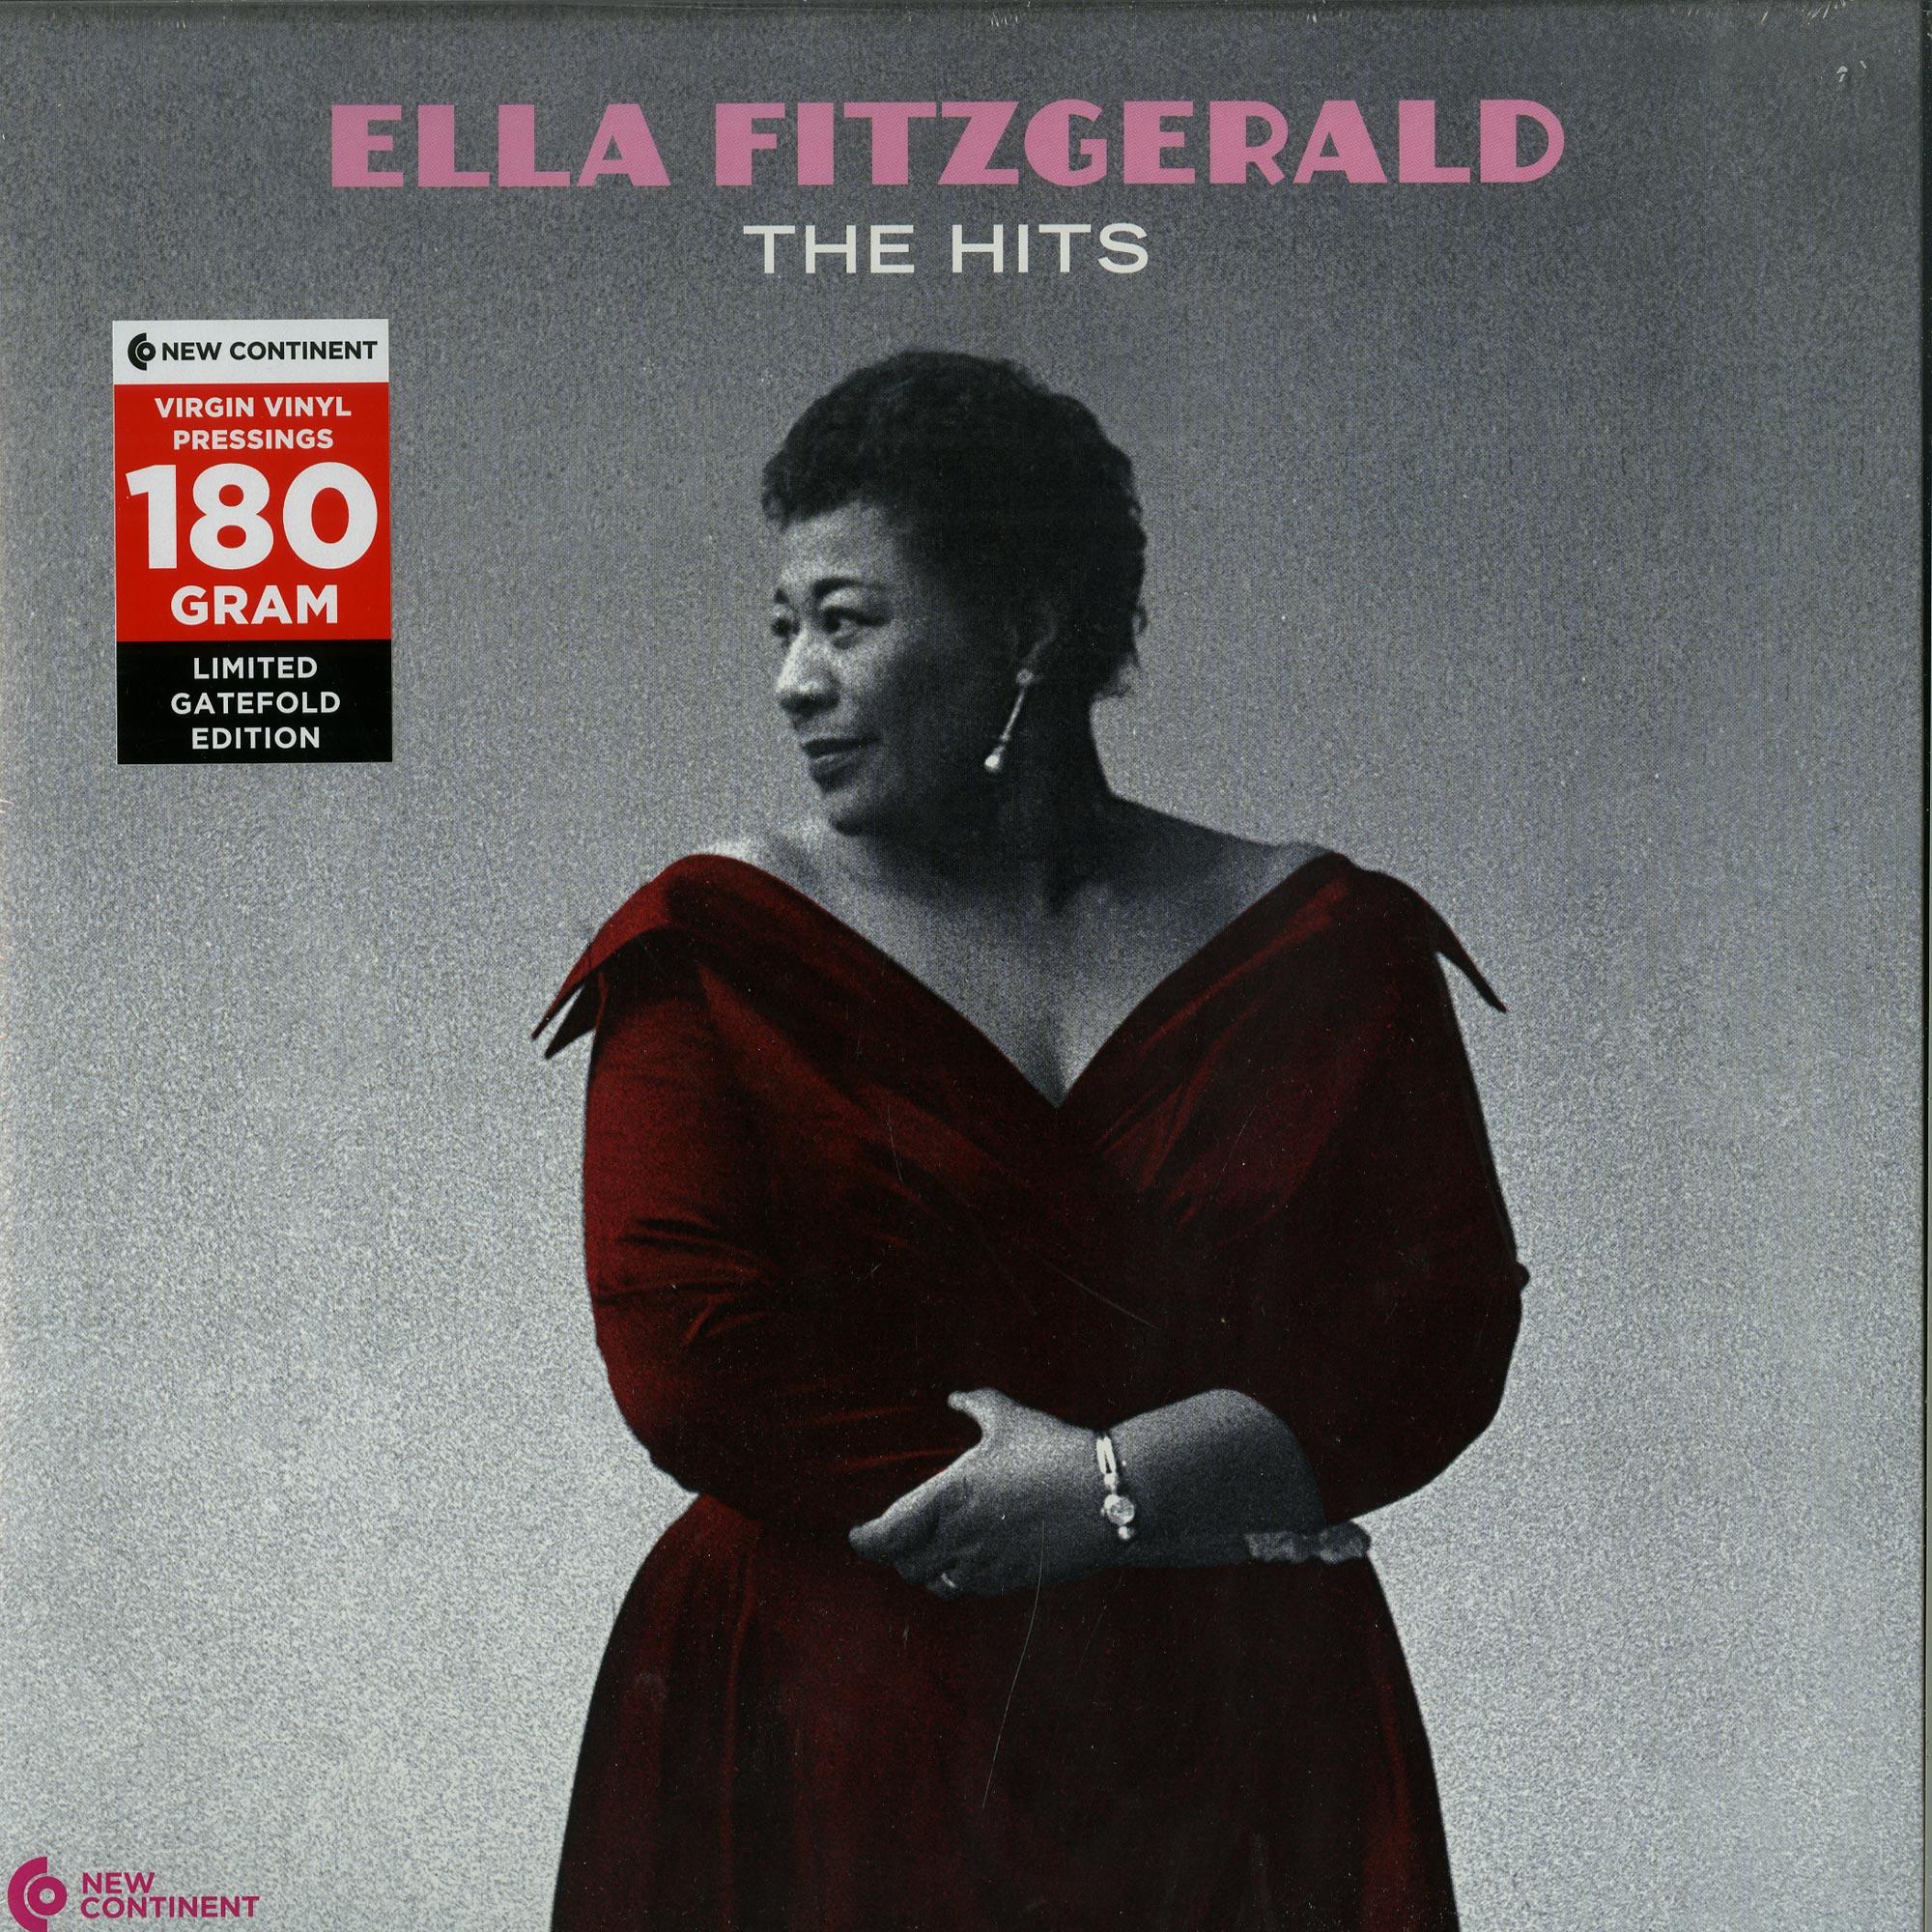 Ella Fitzgerald - THE HITS